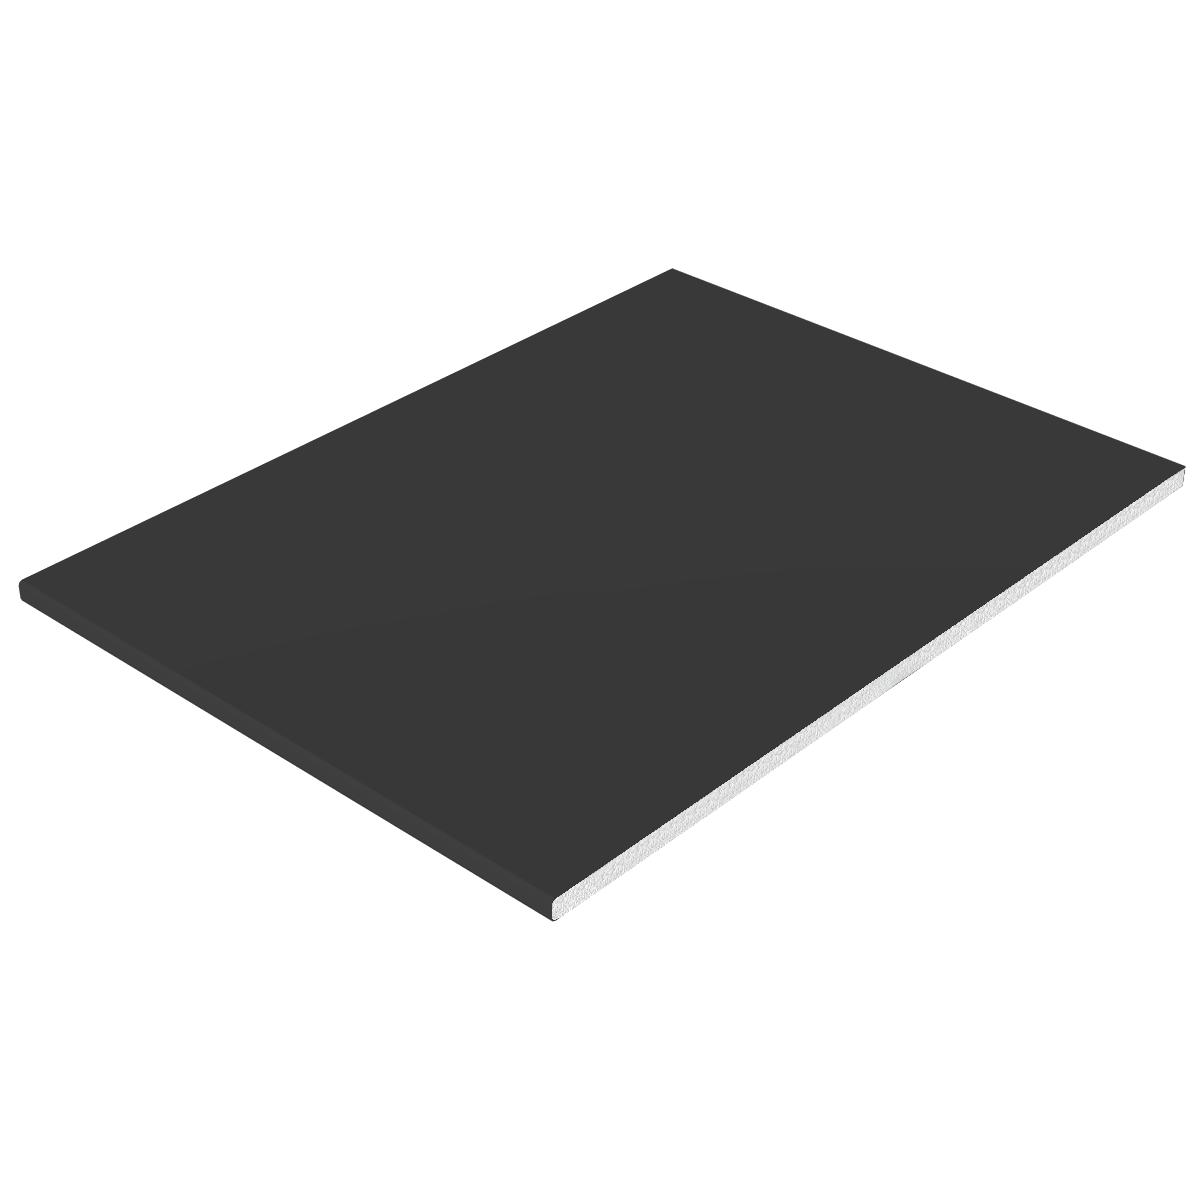 Black Flat Board